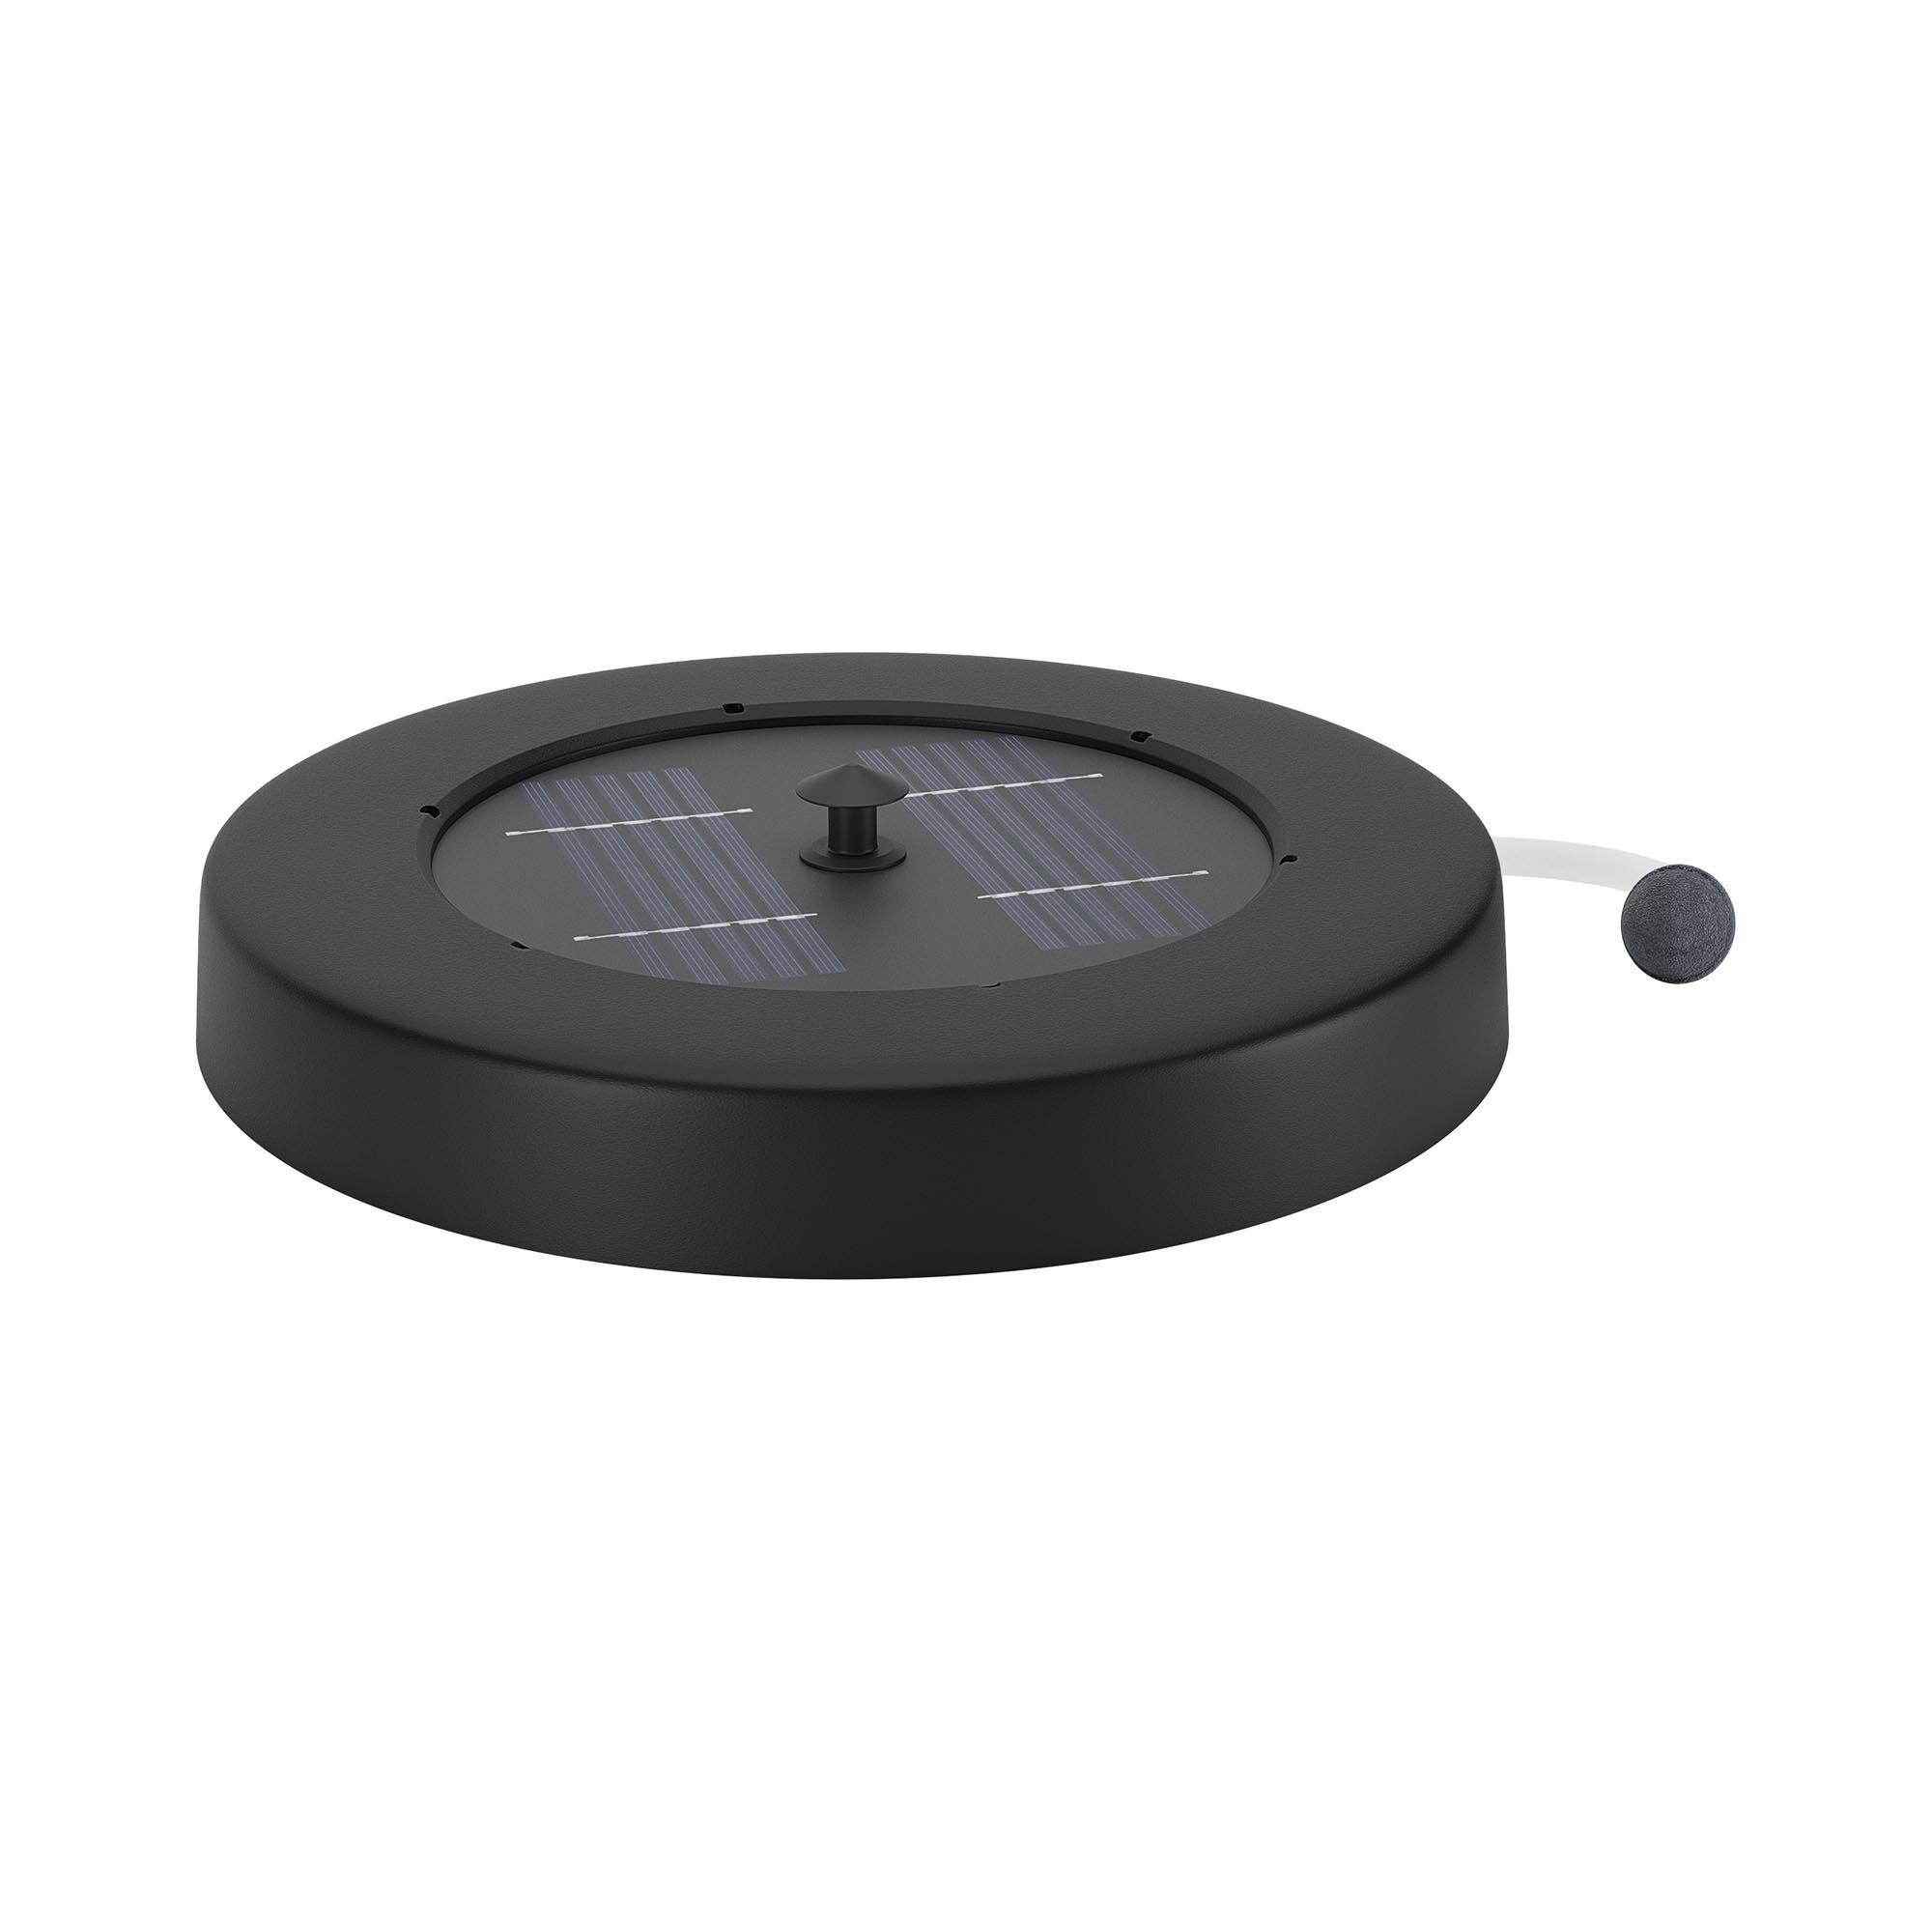 Uniprodo Pompe à air solaire pour bassin - Modèle flottant - 120 l/h UNI_OXYGENATOR_01